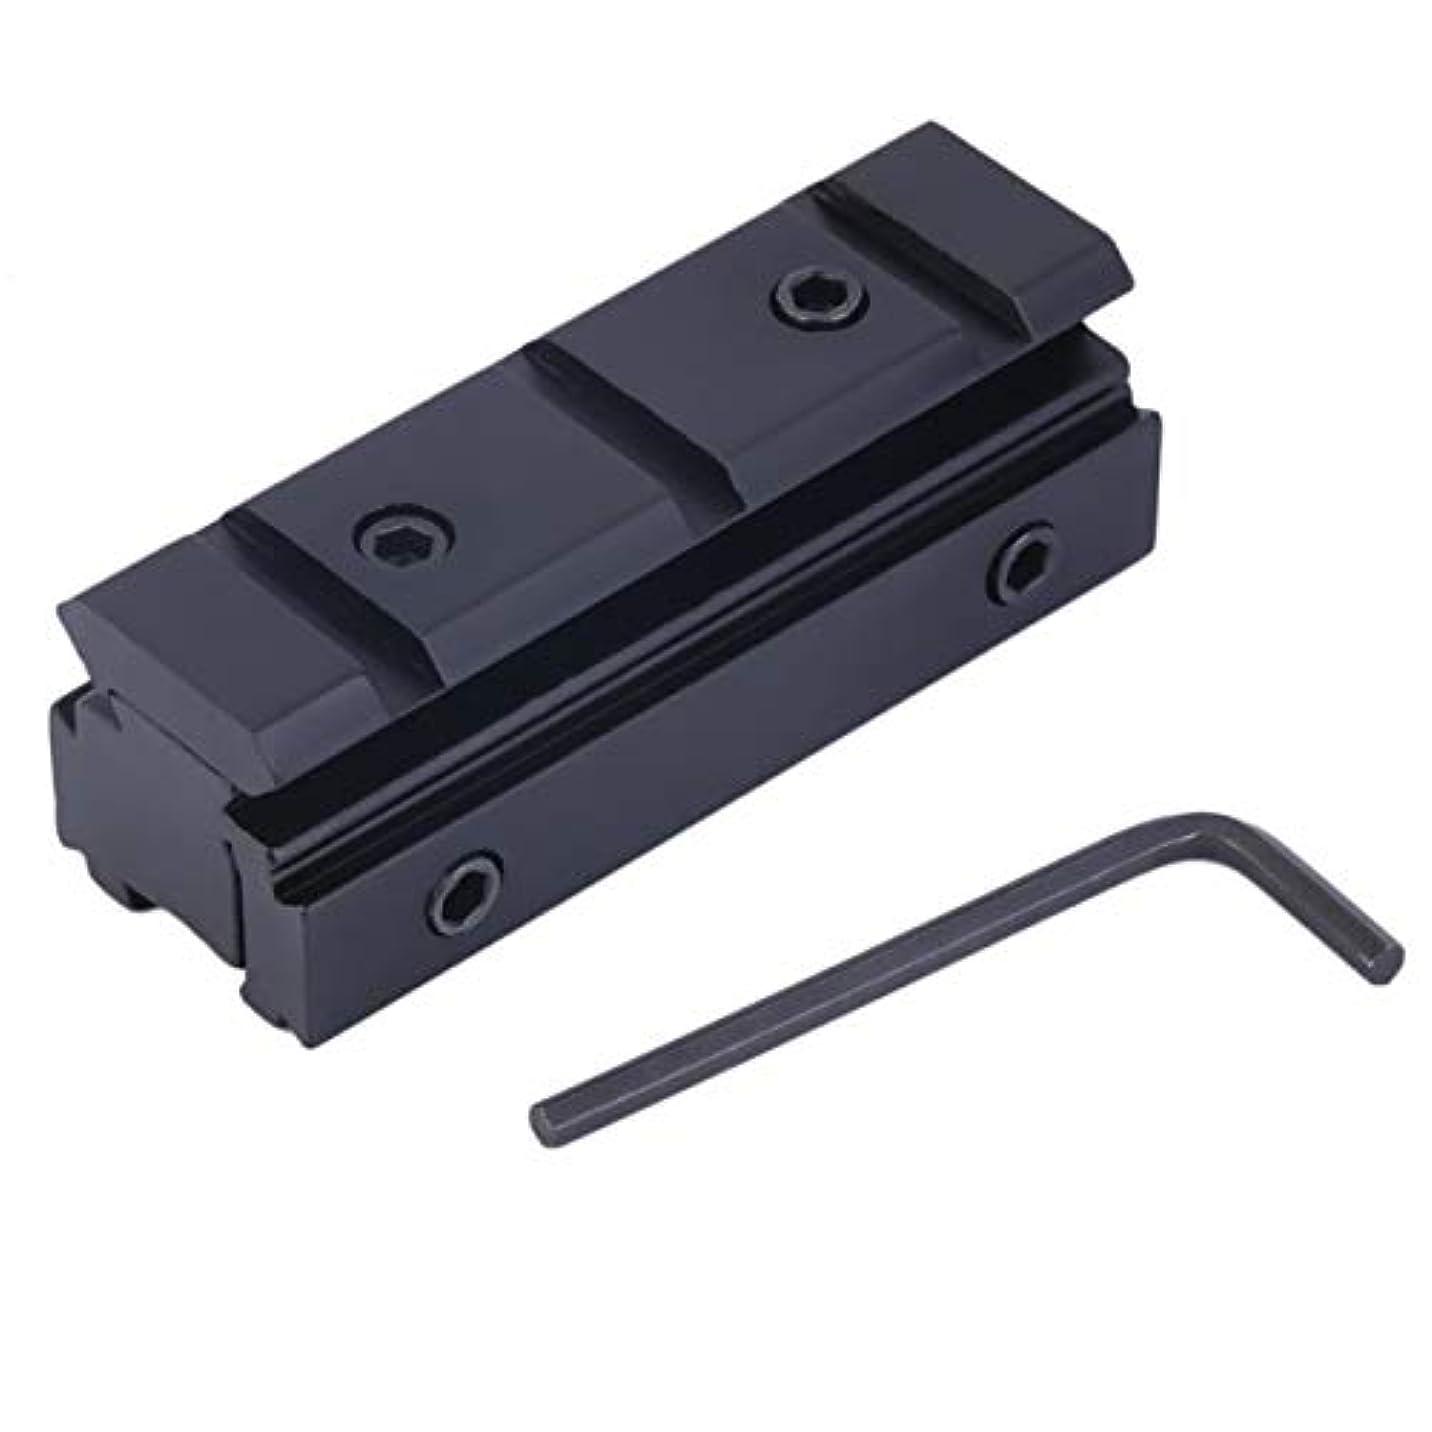 ライオネルグリーンストリート判決乳DeeploveUU Picatinny 11mmから20mmへのダブテールへウィーバーレールマウントベースアダプタースコープマウントコンバーター用ライフル懐中電灯視力無料